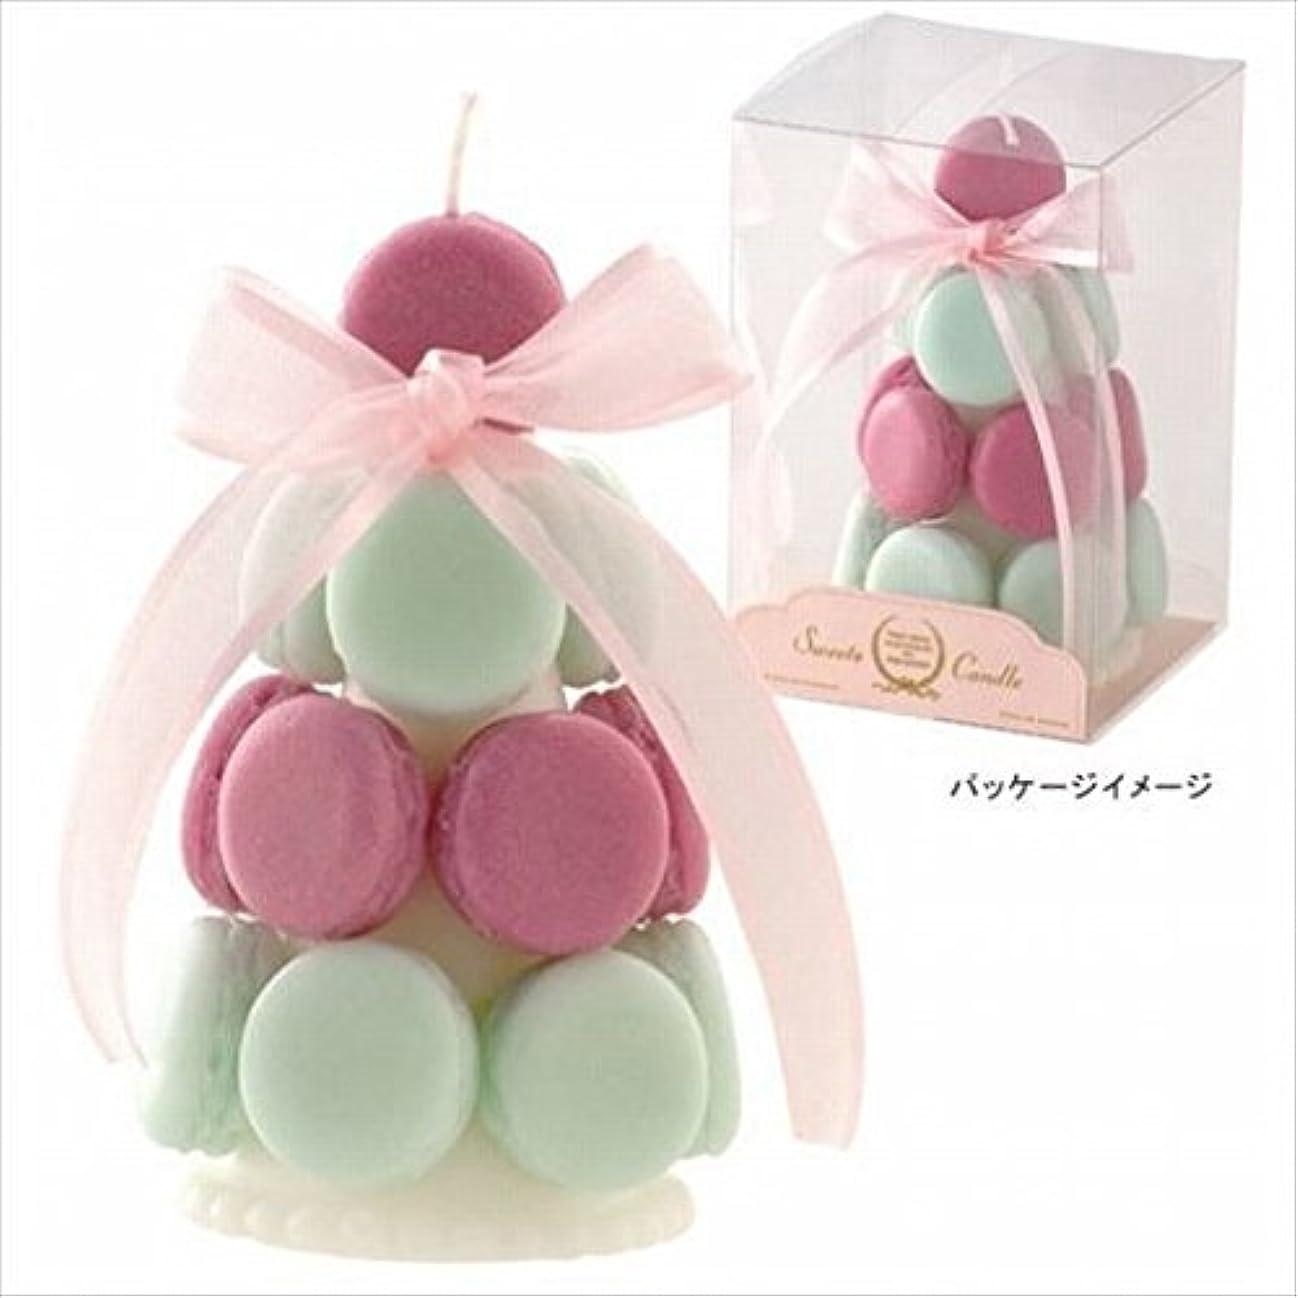 東ティモール習字療法kameyama candle(カメヤマキャンドル) ハッピーマカロンタワー 「 メロングリーン 」(A4580520)